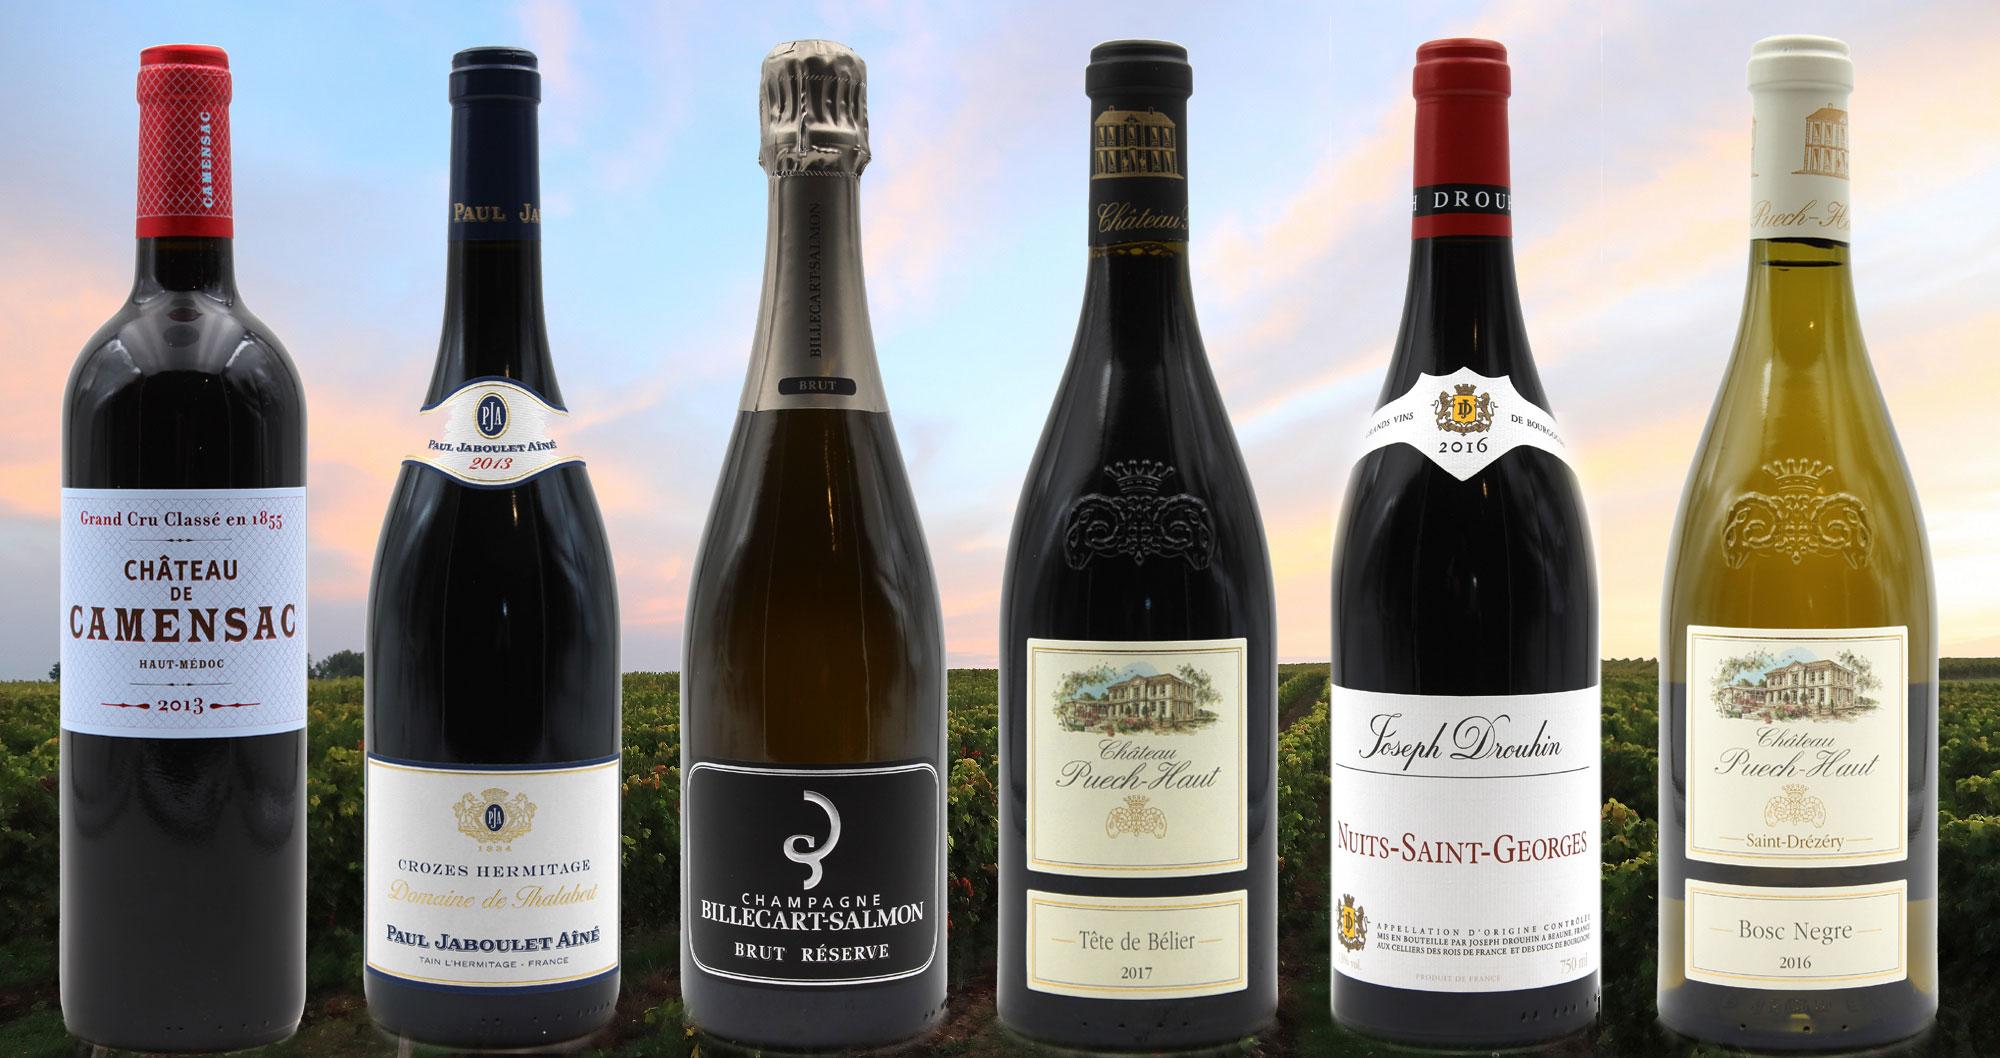 Superbes bouteilles de vins rouge, blanc & champagne